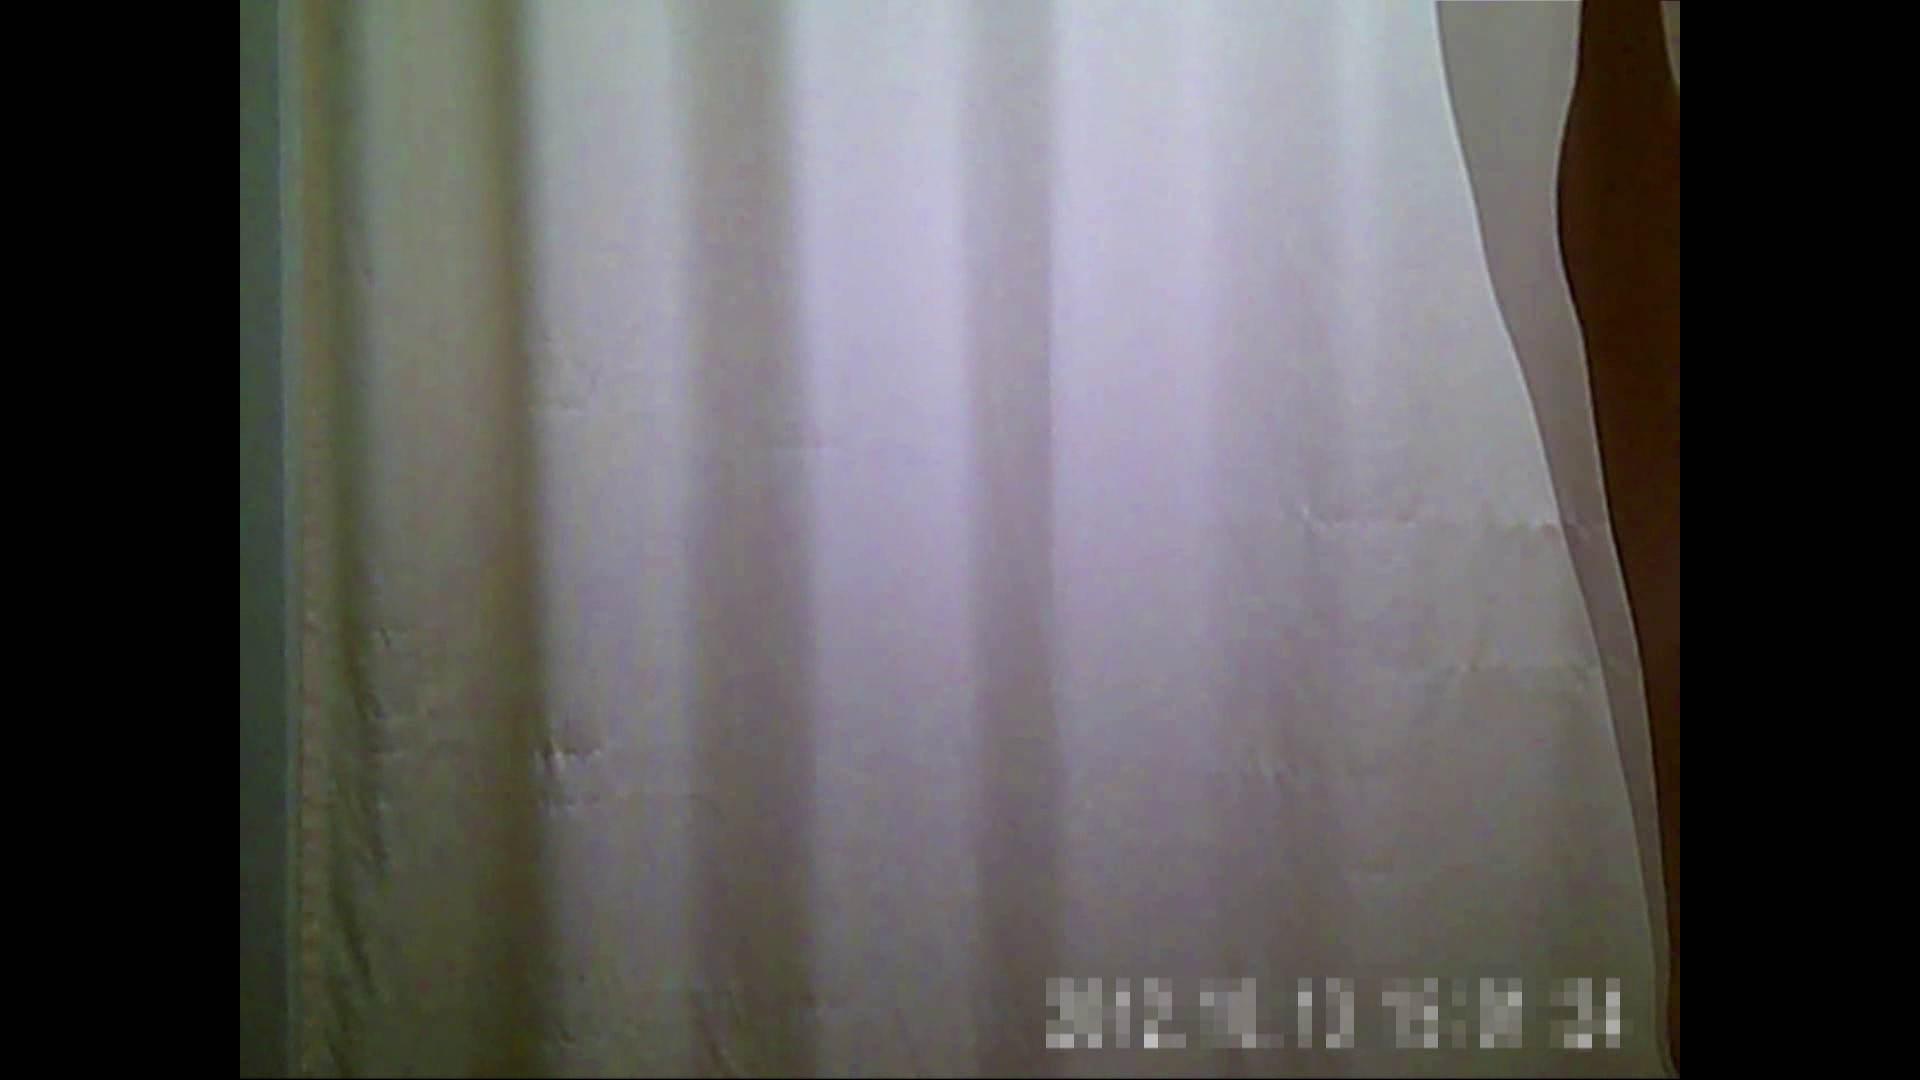 病院おもいっきり着替え! vol.237 乳首 隠し撮りオマンコ動画紹介 71PIX 54